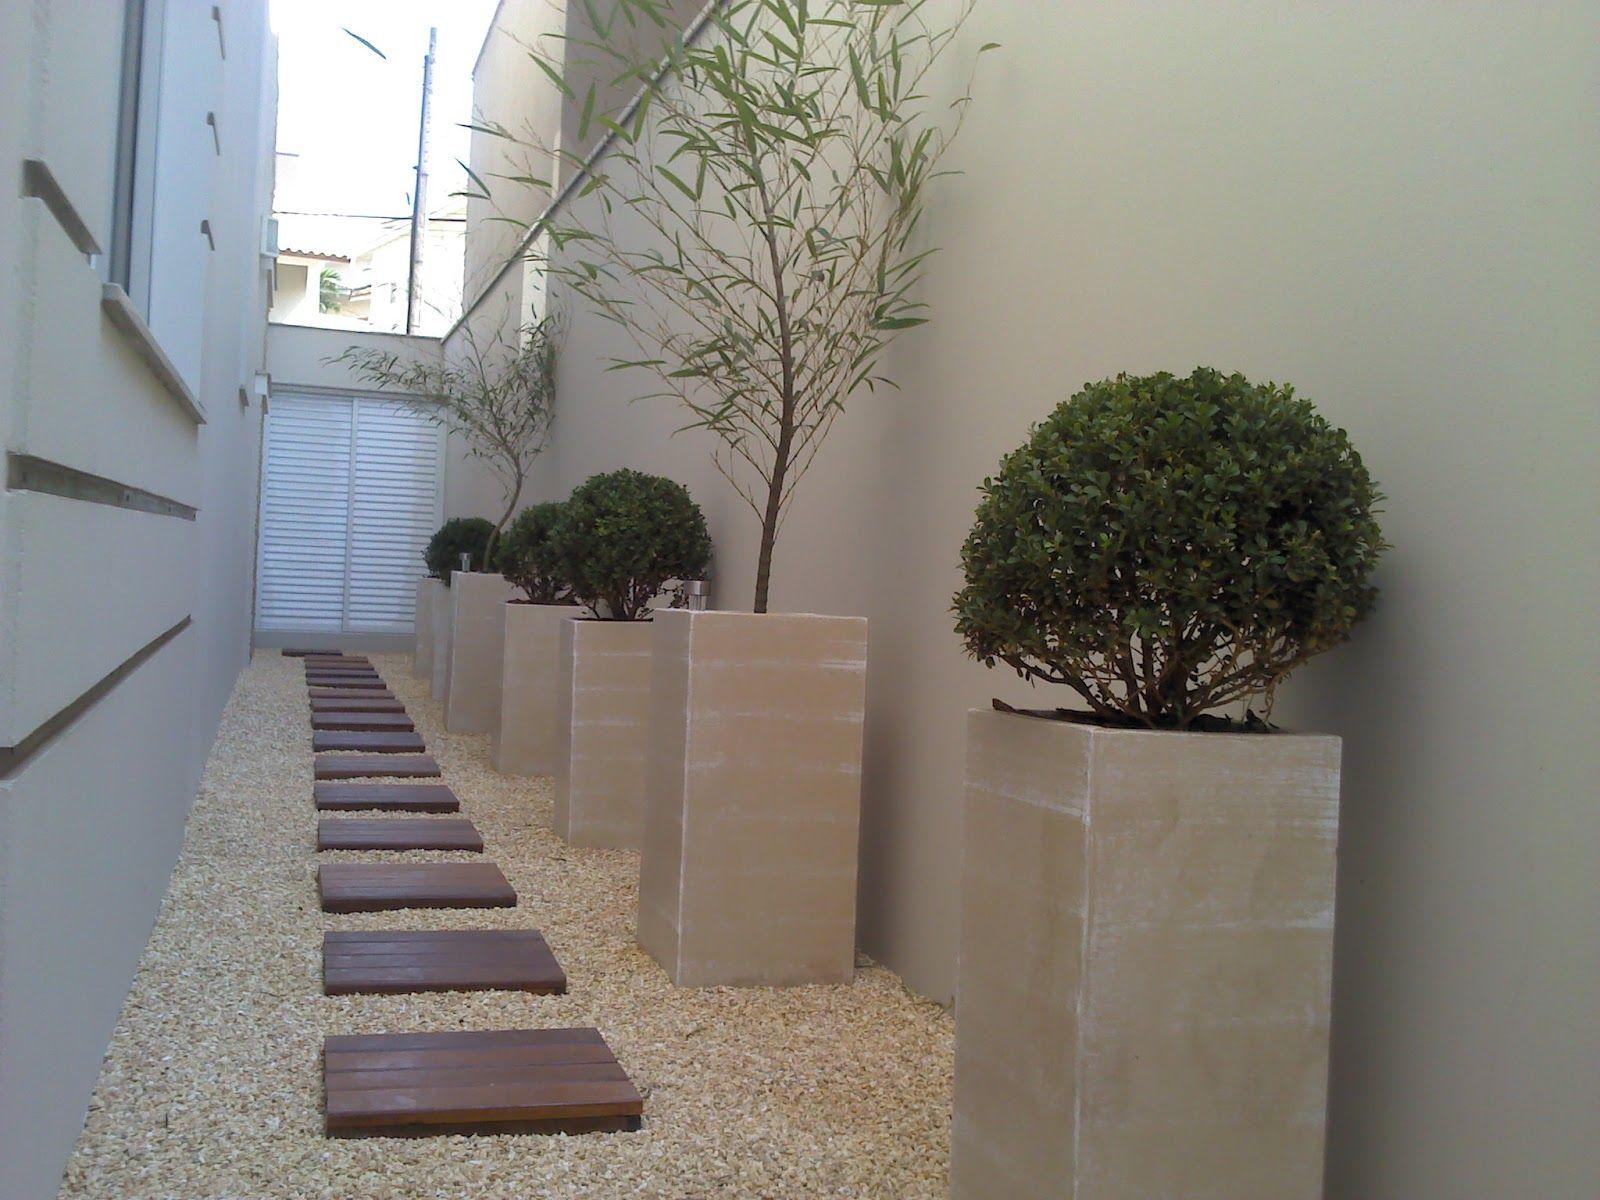 Ra zes paisagismo reforma corredor antes e depois - Reformas pisos pequenos ...